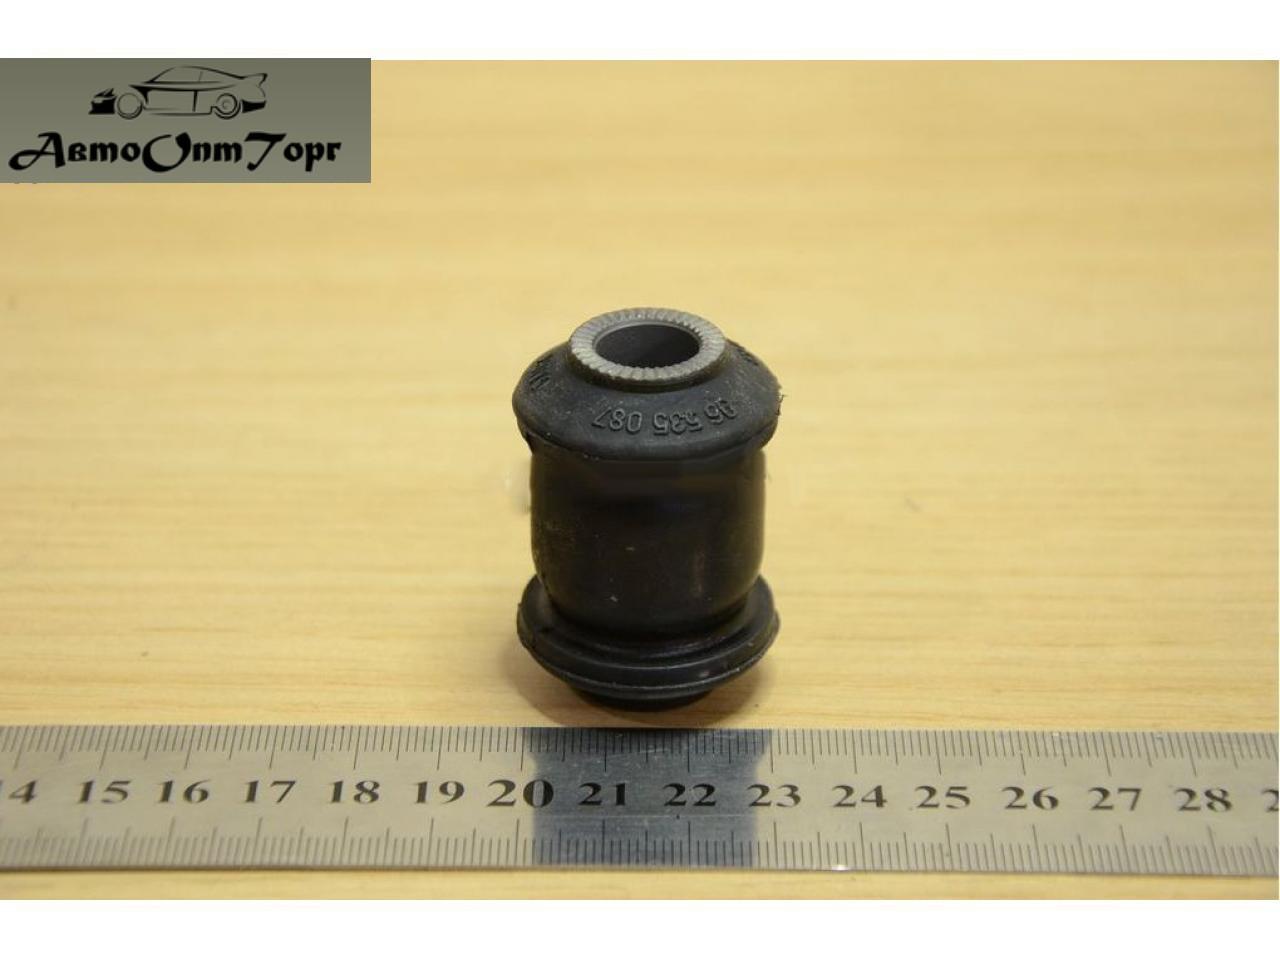 Сайлентблок (втулка) переднього важеля на Chevrolet Aveo, Авео, model: 96535087, вир-во: General Motors (GM),